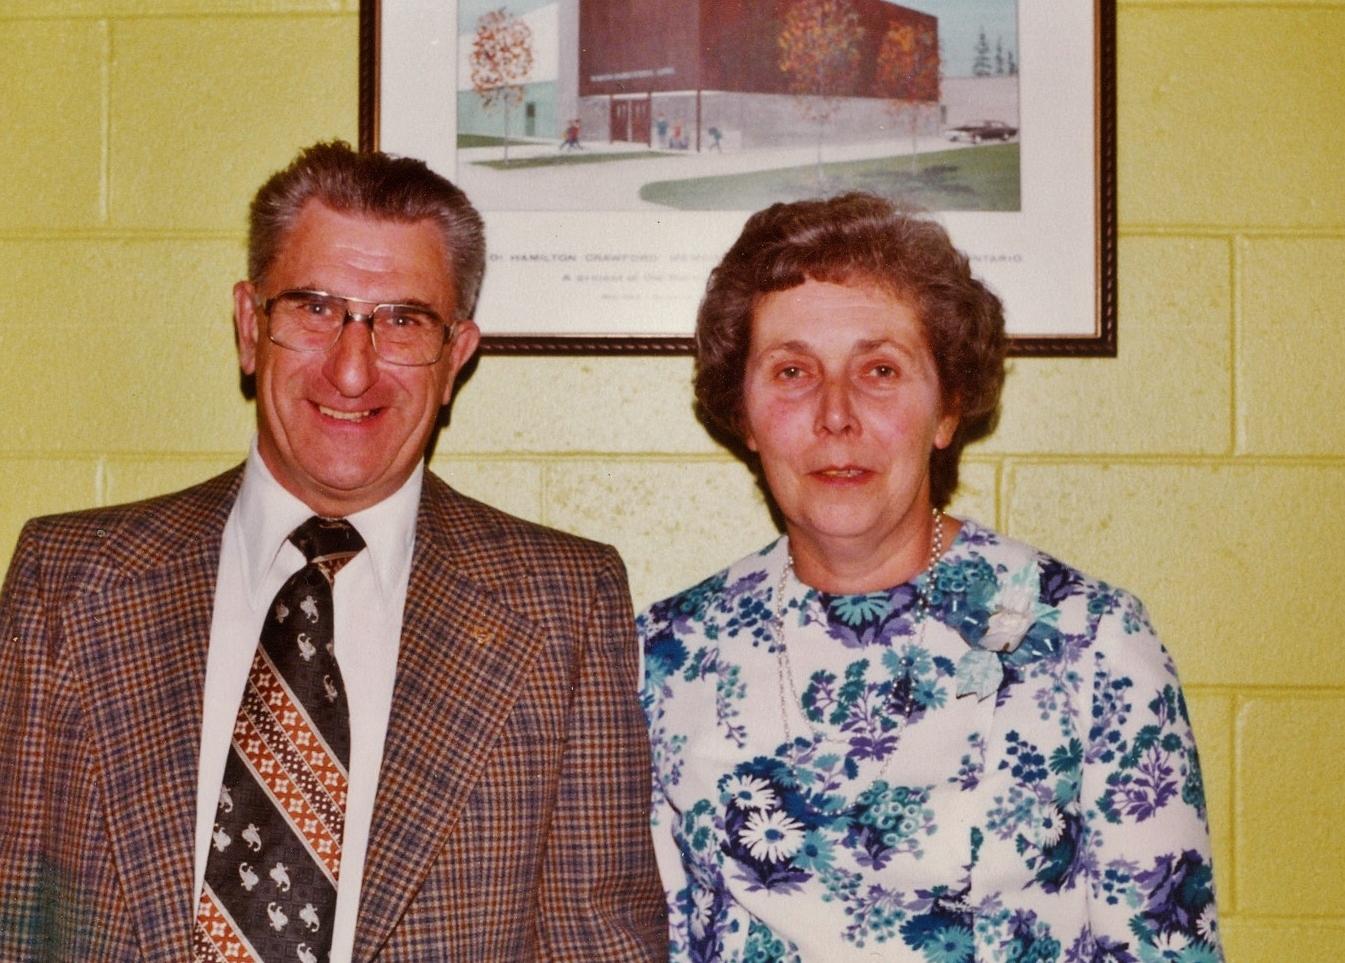 Gordon and Stella Bennett